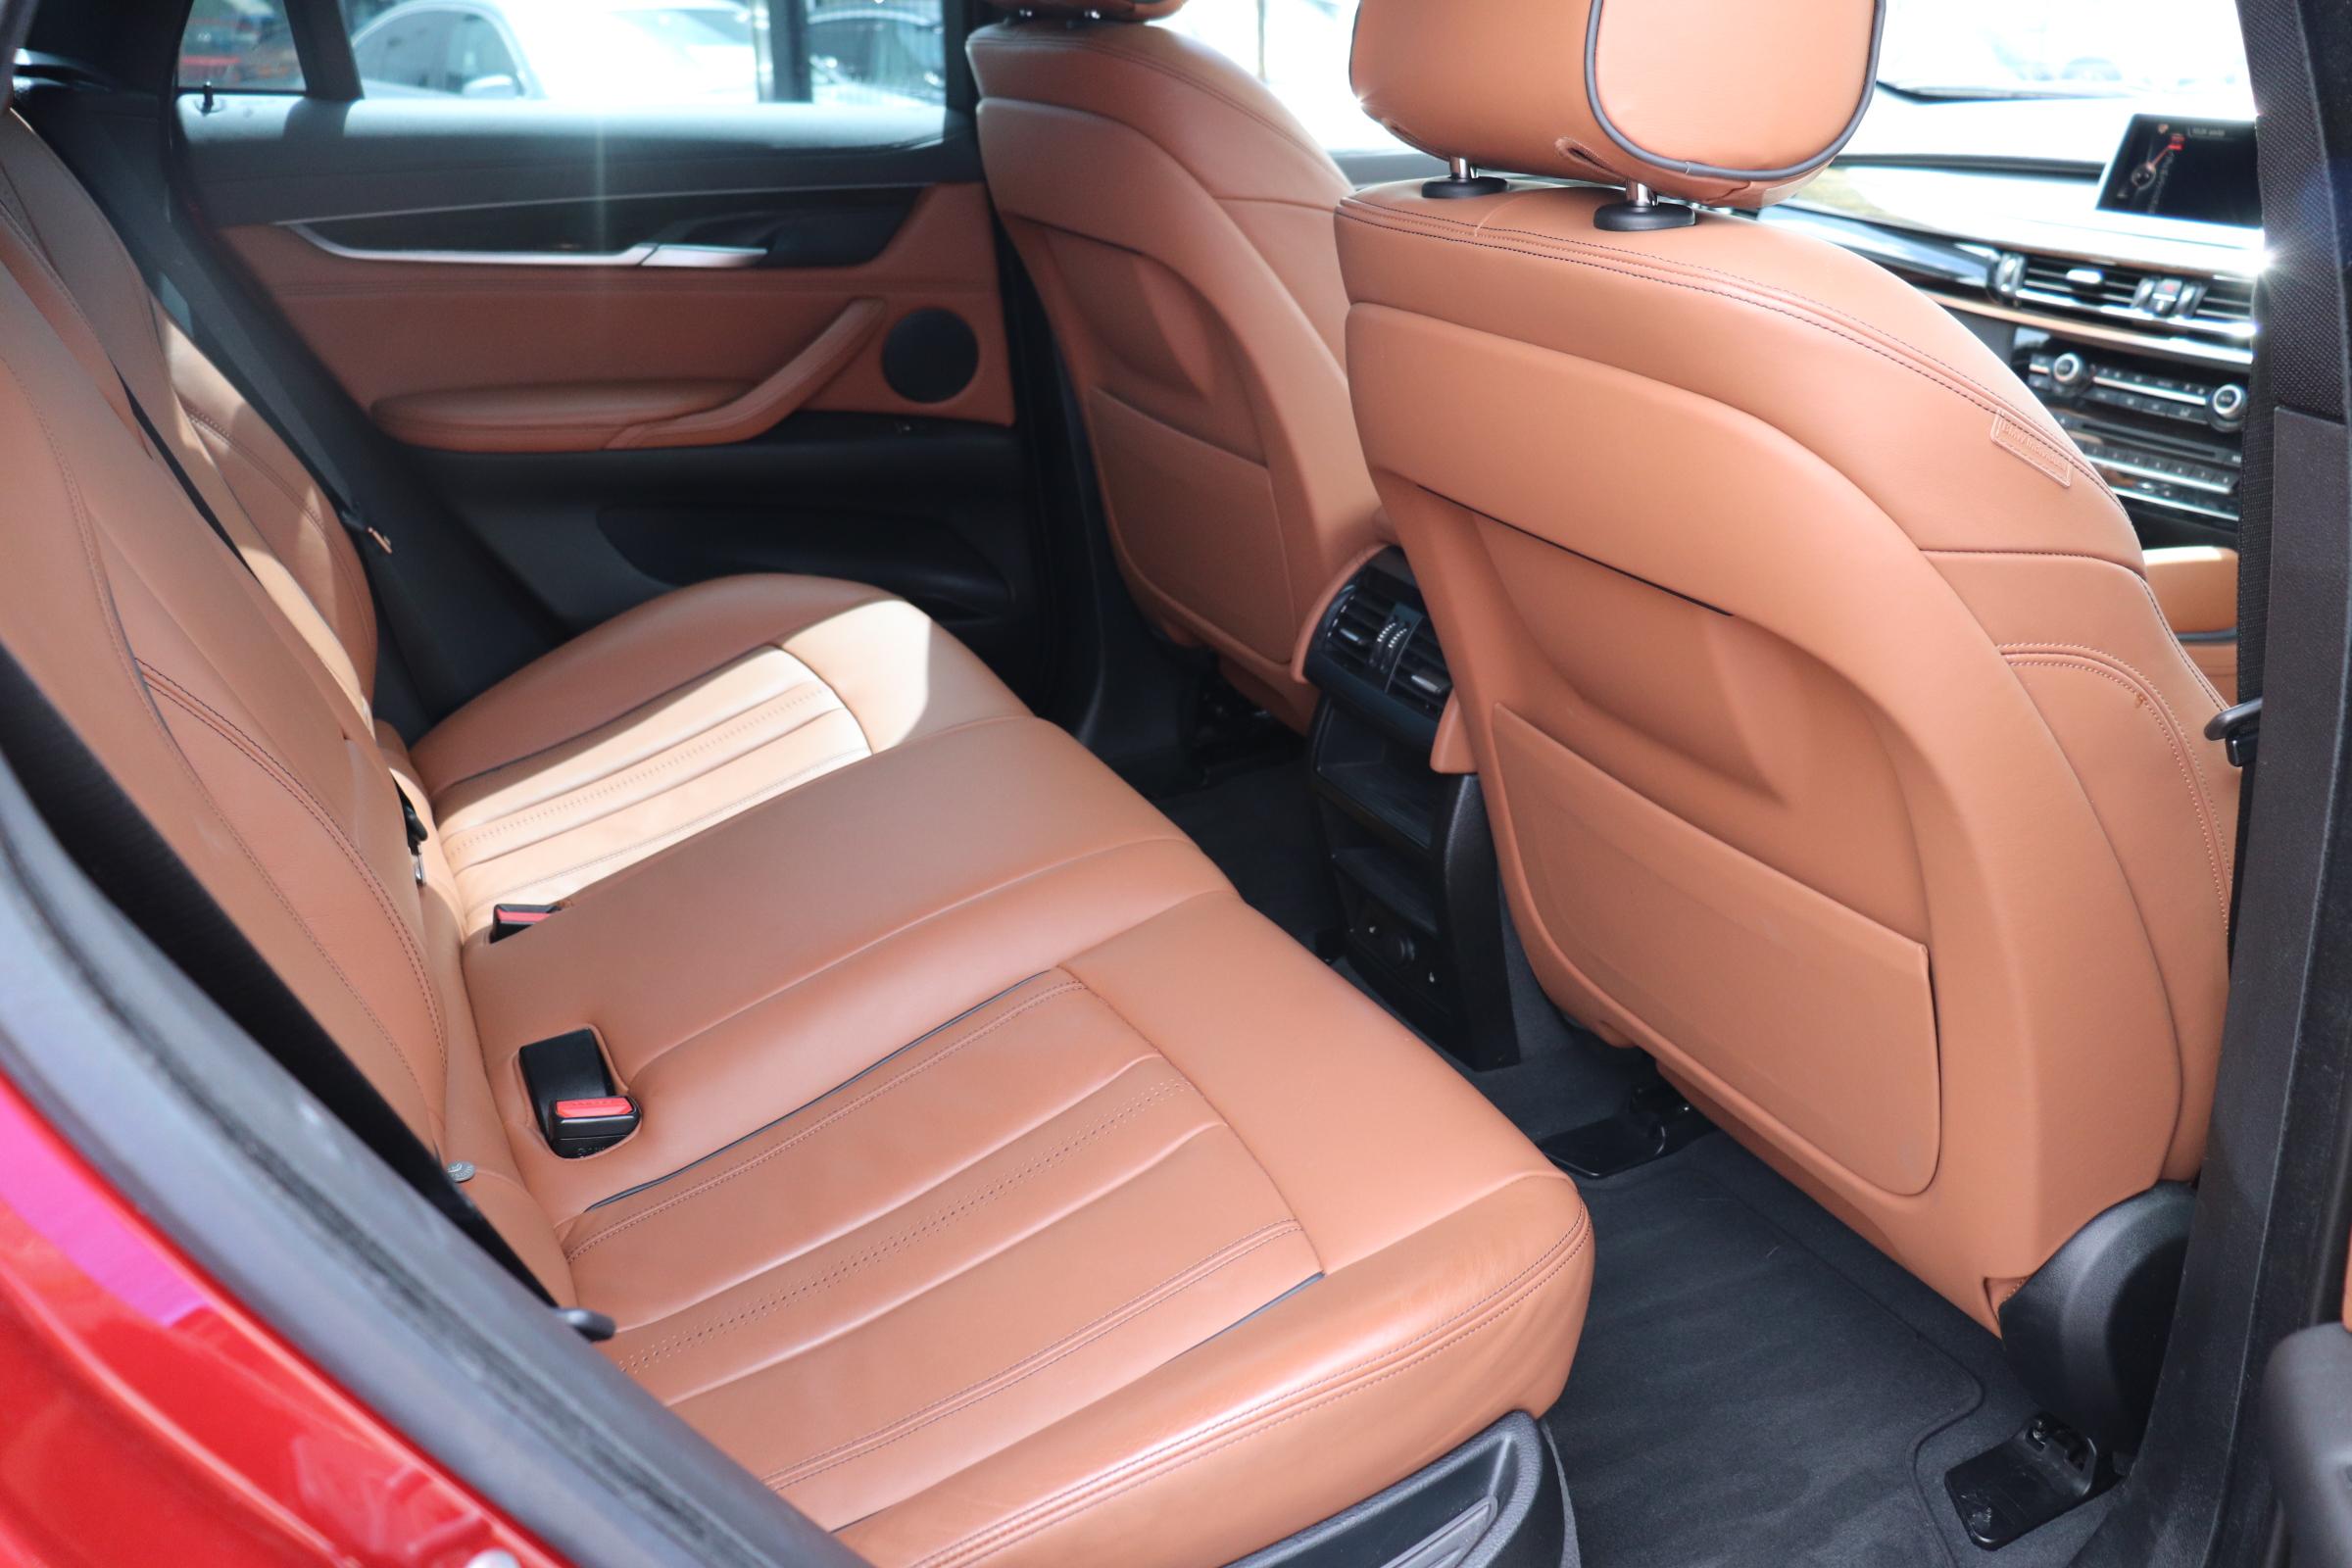 X6 xDrive 35i Mスポーツ セレクトパッケージ ブラウンレザー ACC LEDライト ワンオーナー車両画像12